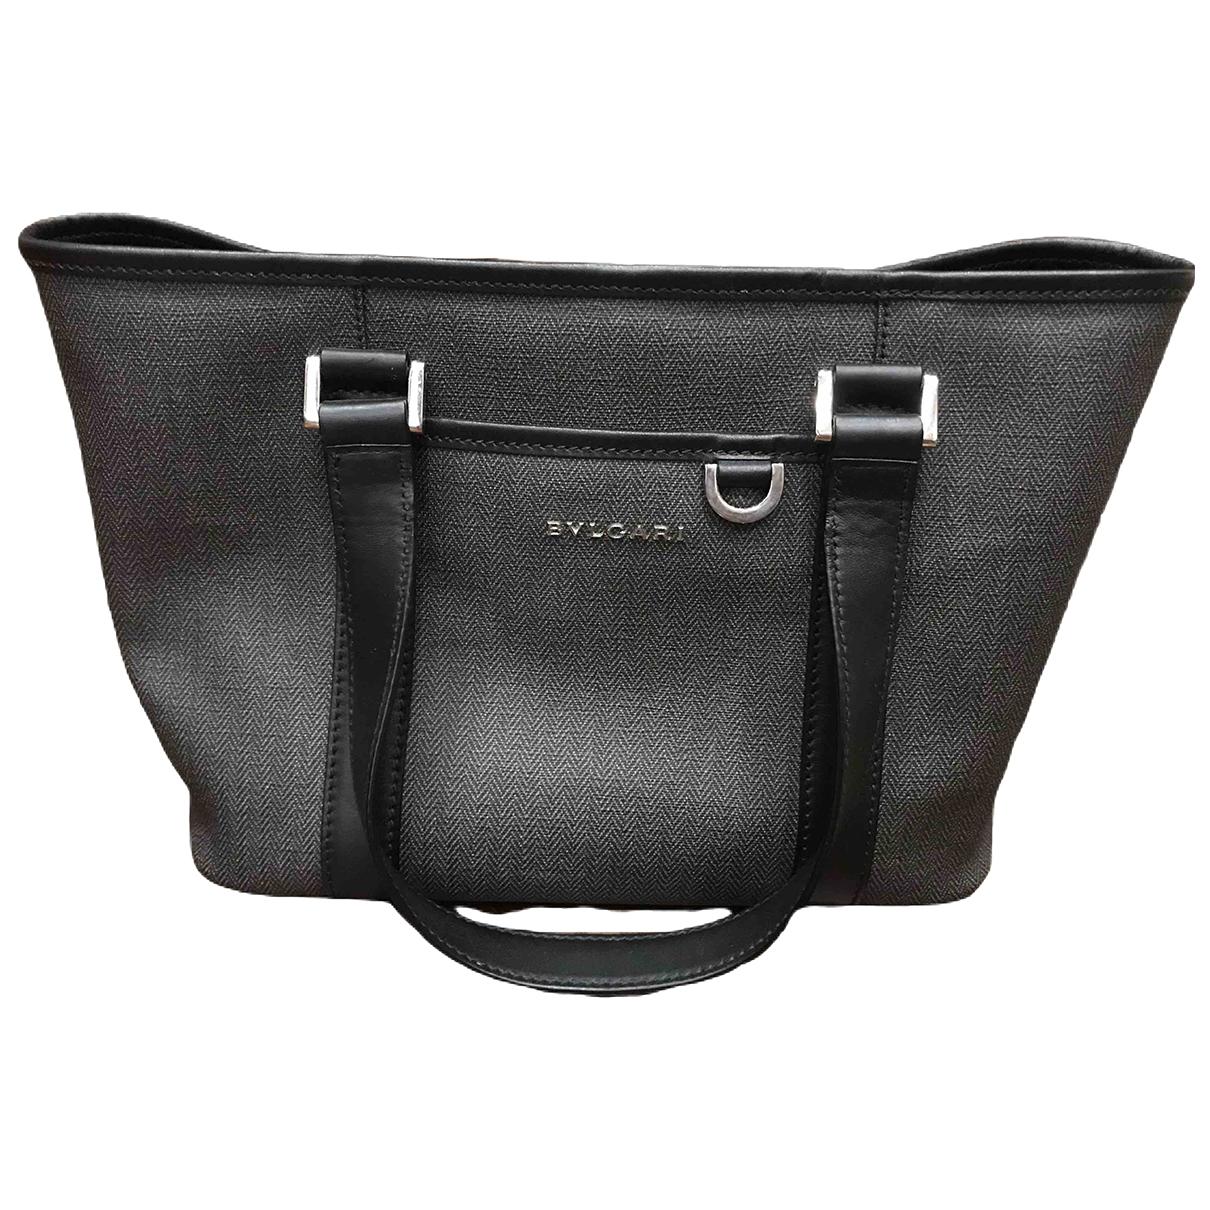 Bvlgari \N Handtasche in  Grau Leinen